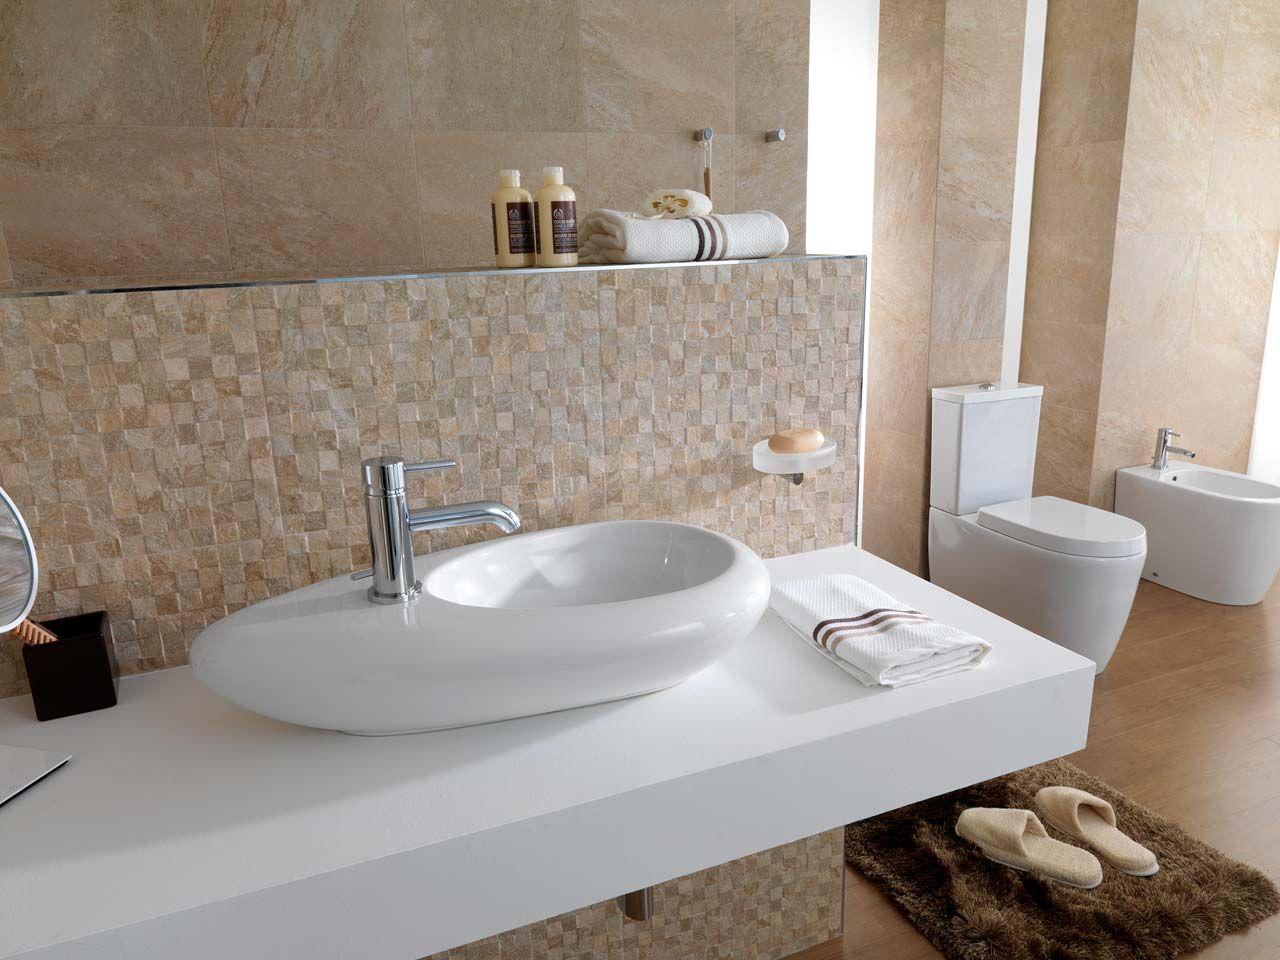 Lavabo flame de noken lavabos washbasin pinterest - Porcelanosa banos pequenos ...